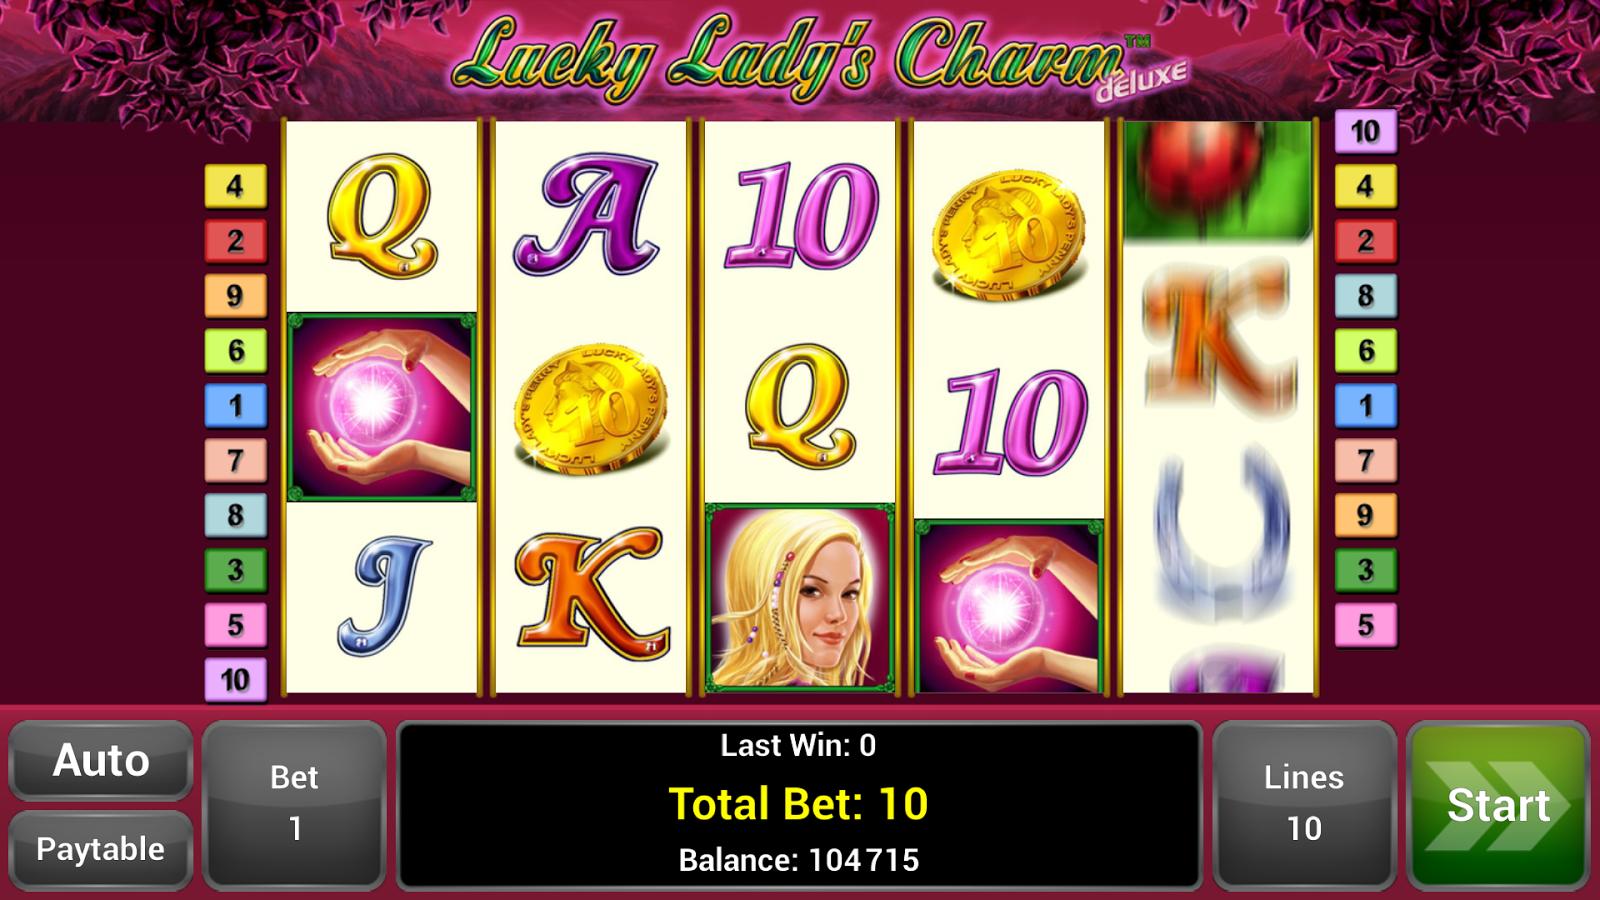 Программа для взлома онлайн казино